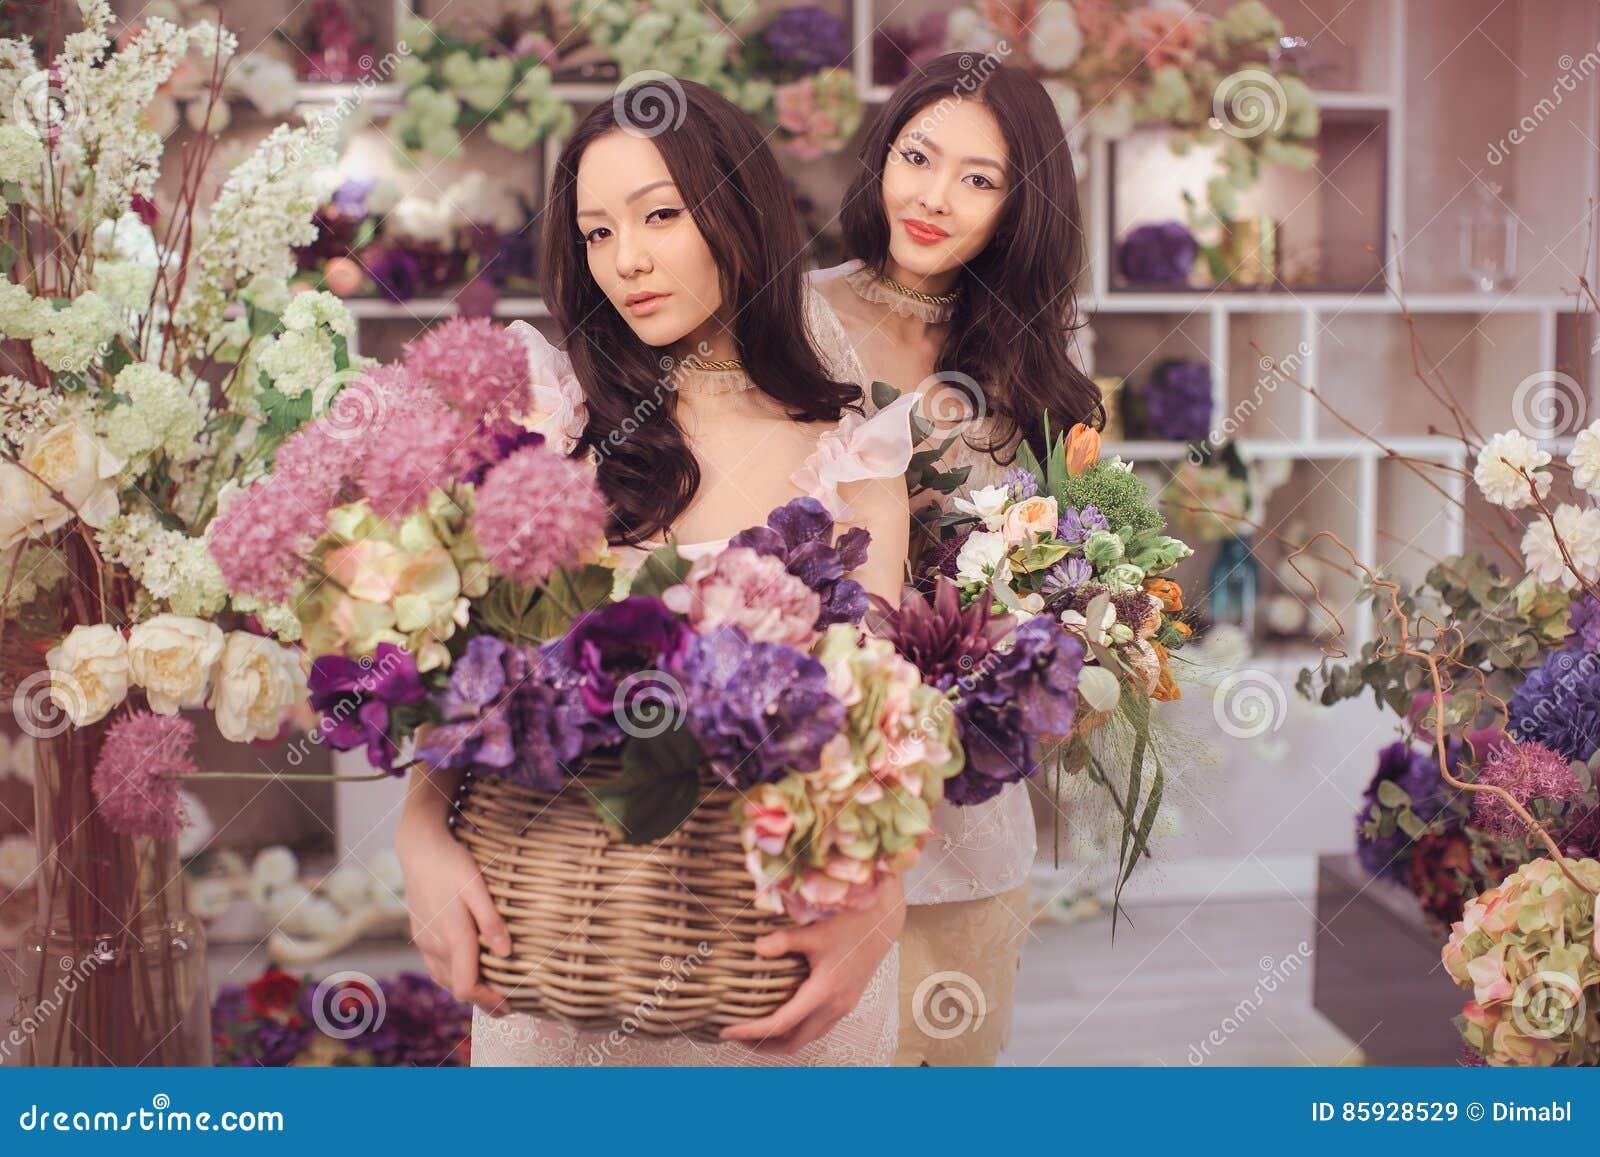 spring house asian personals Spring house inn, porter - reserva amb el millor preu garantit a bookingcom t'esperen 421 comentaris i 21 fotos.